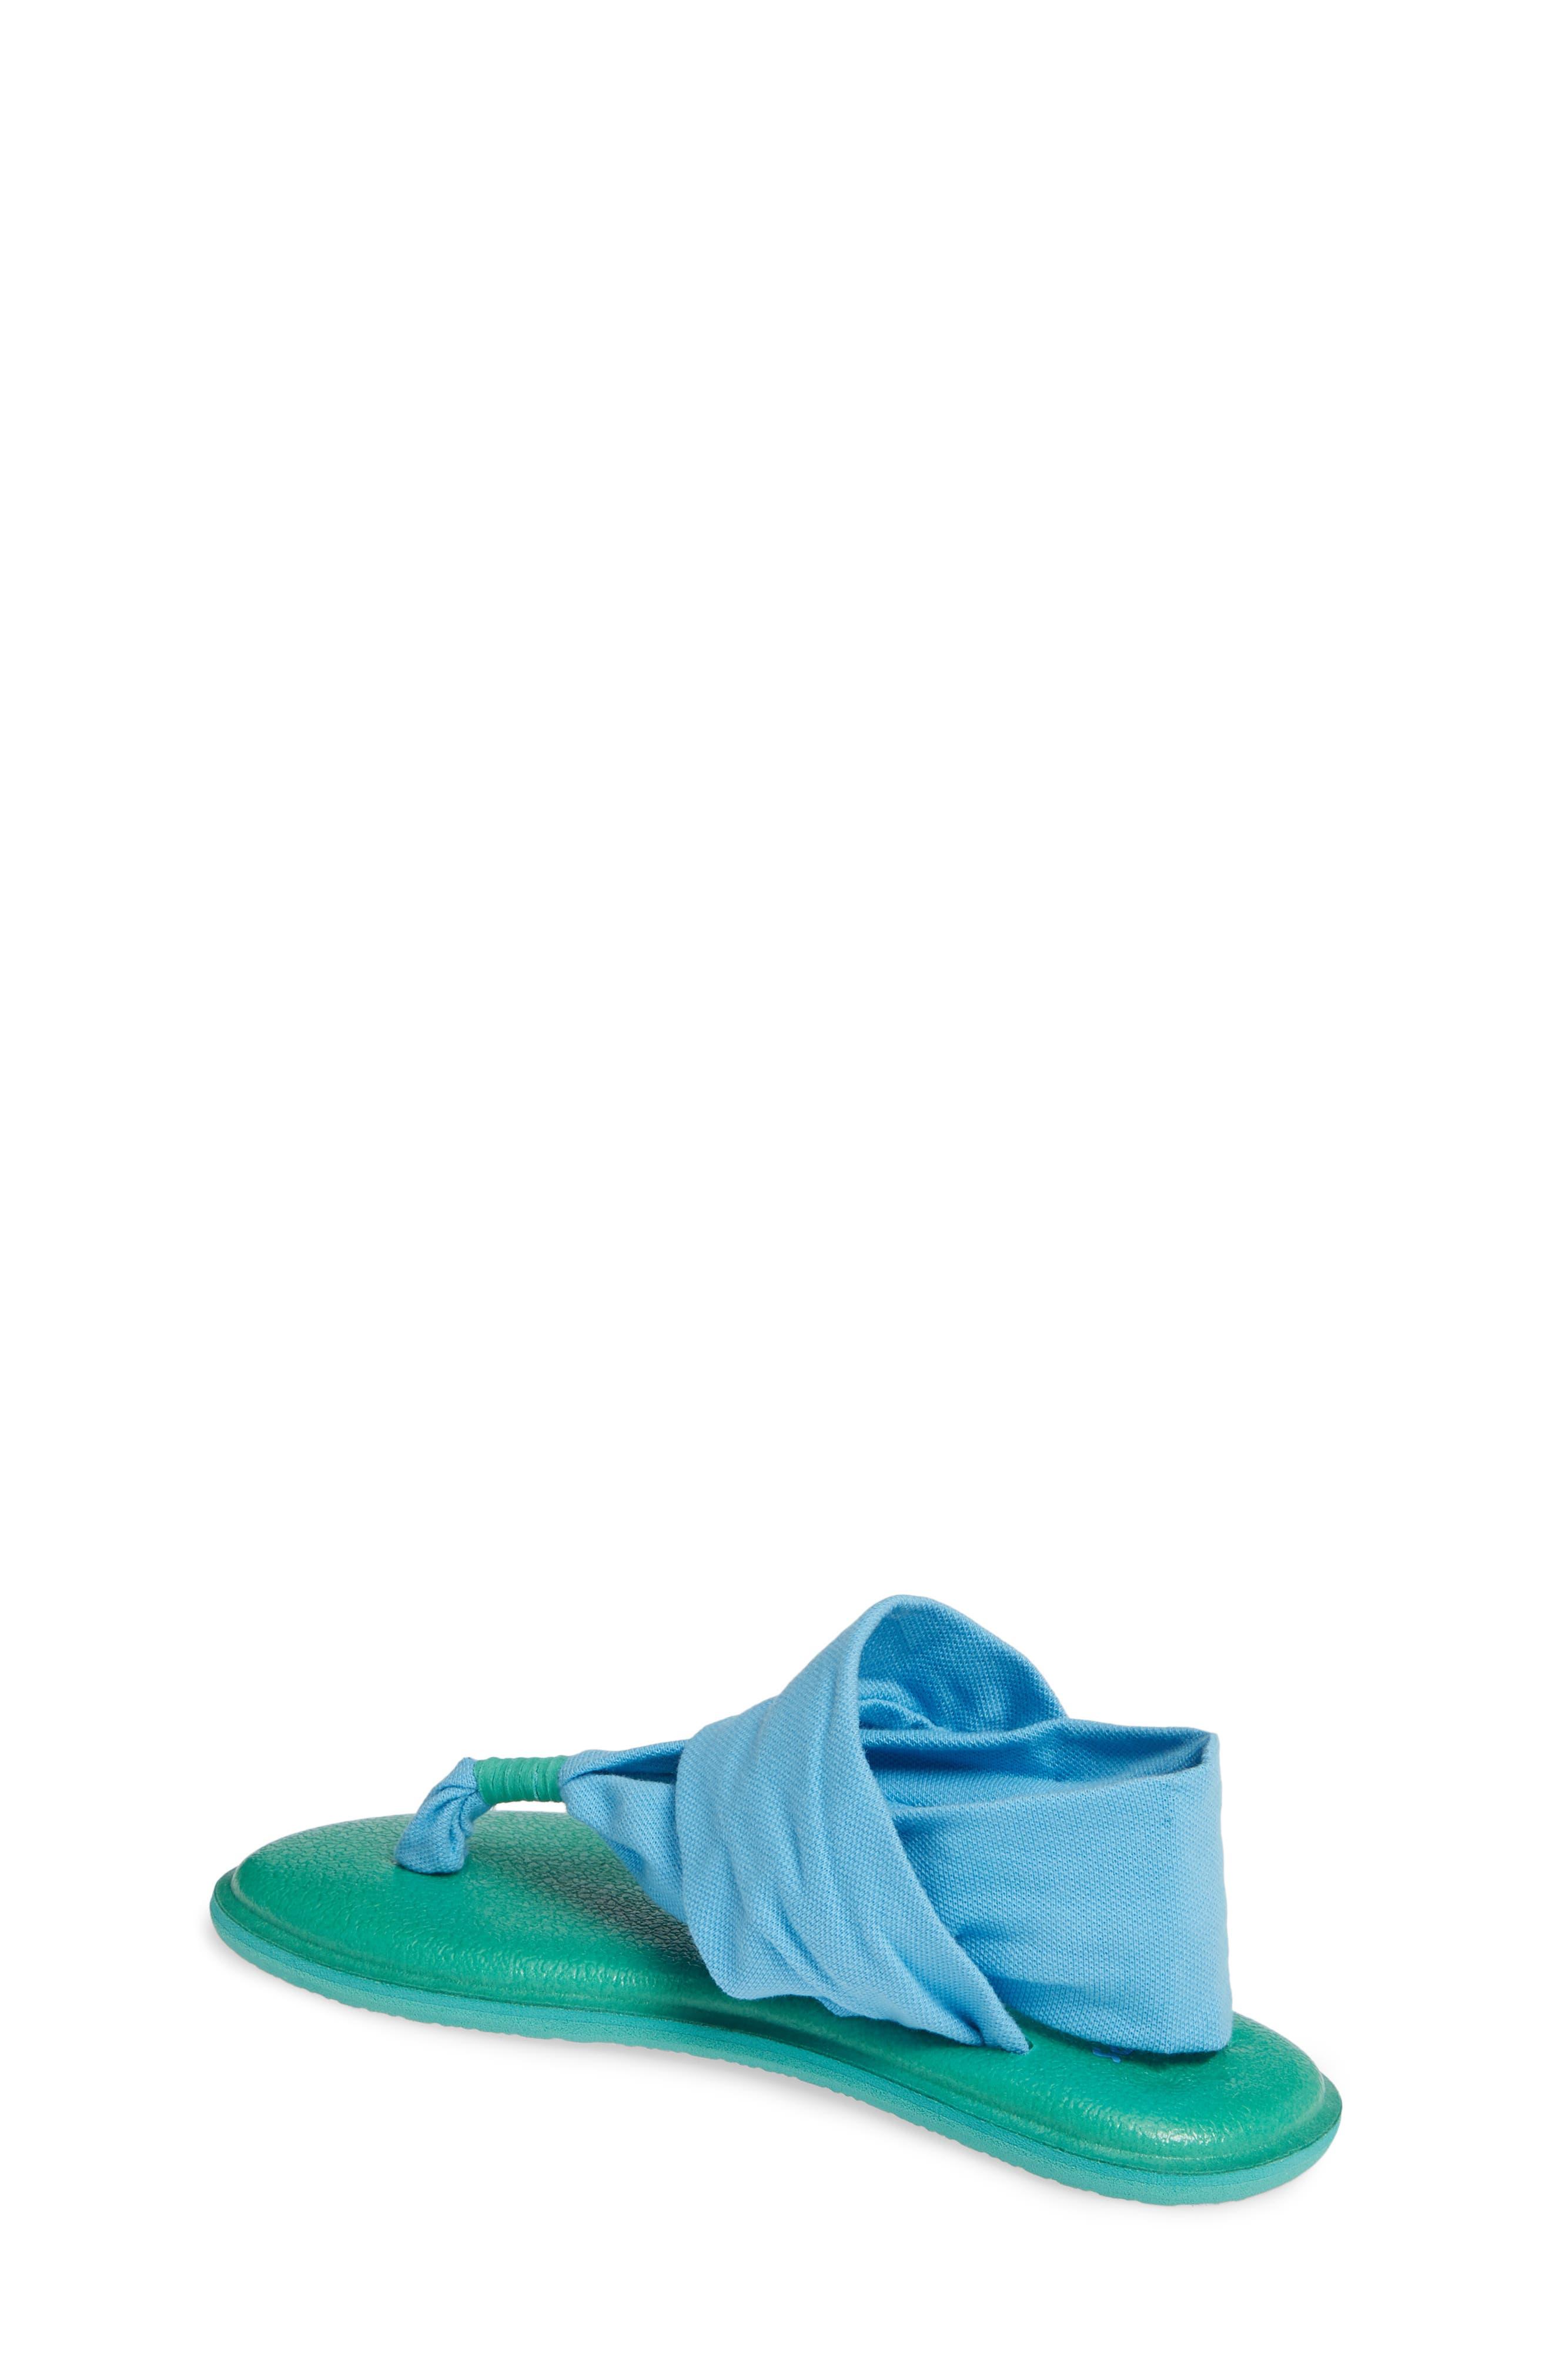 SANUK, Lil Yoga Sling 2 Sandal, Alternate thumbnail 2, color, ALASKA BLUE